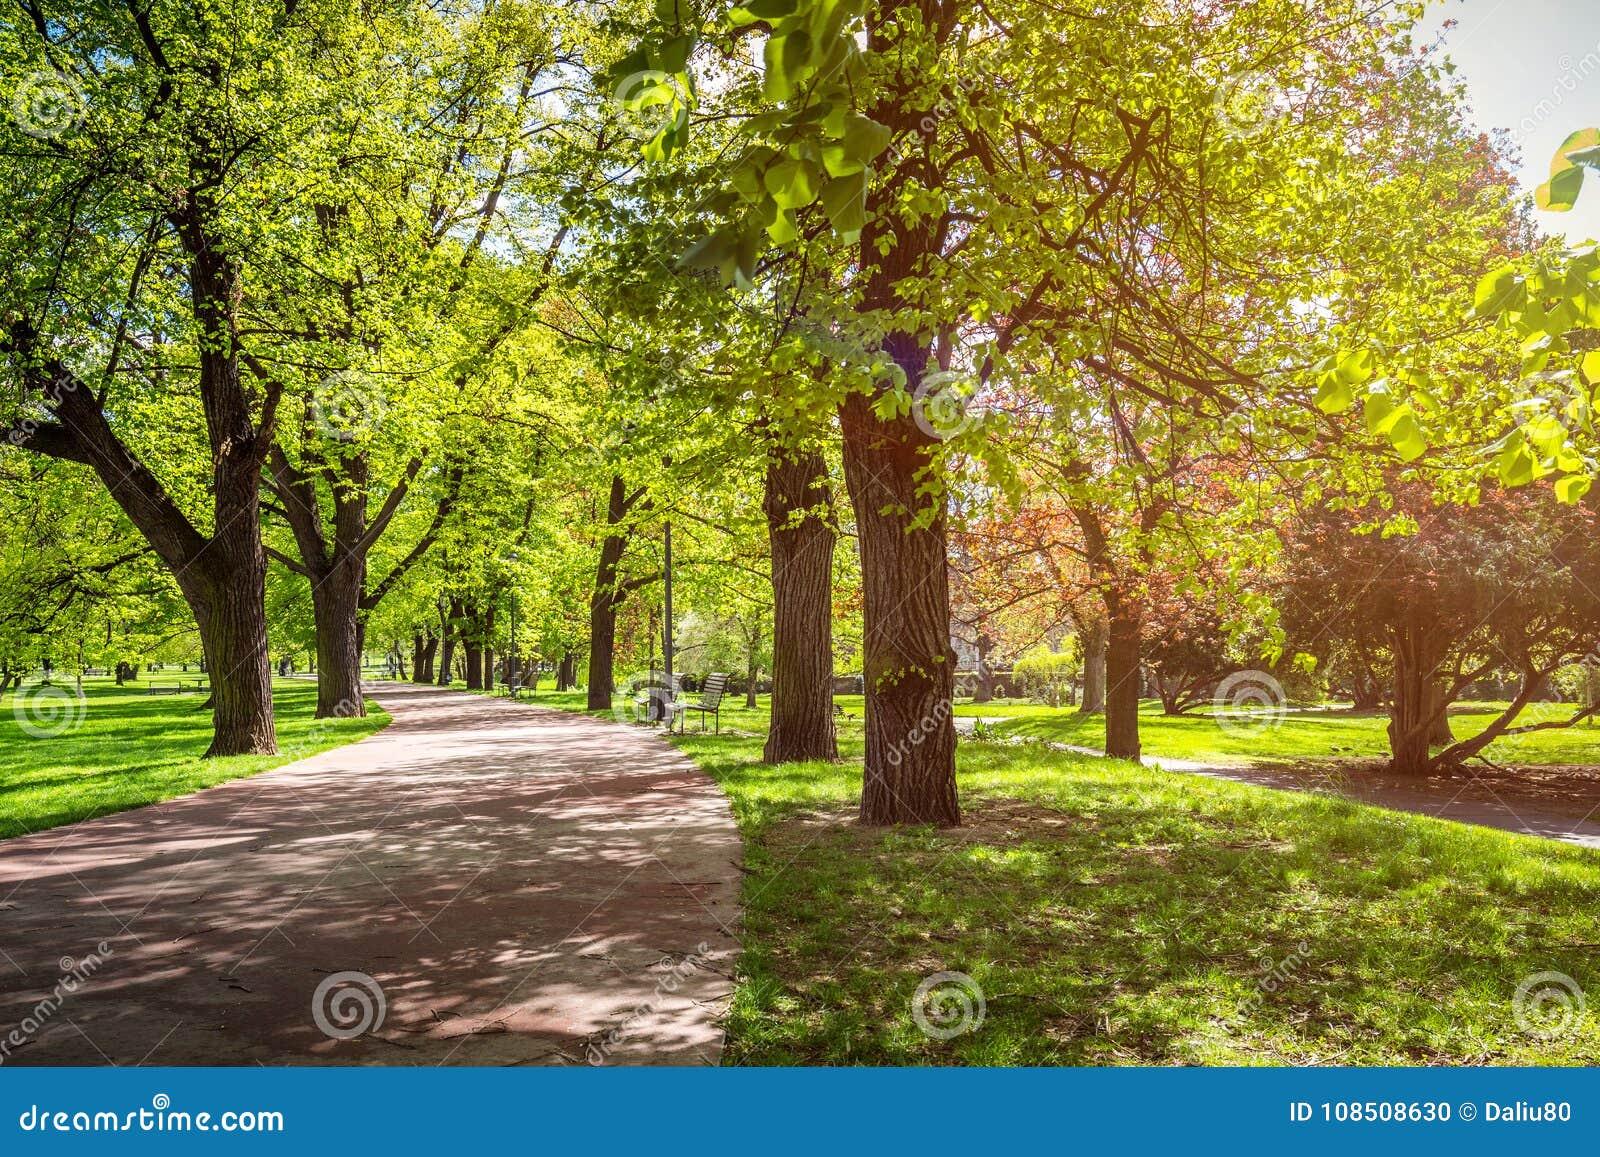 Parquee en la primavera con el césped verde, luz del sol Camino de piedra adentro